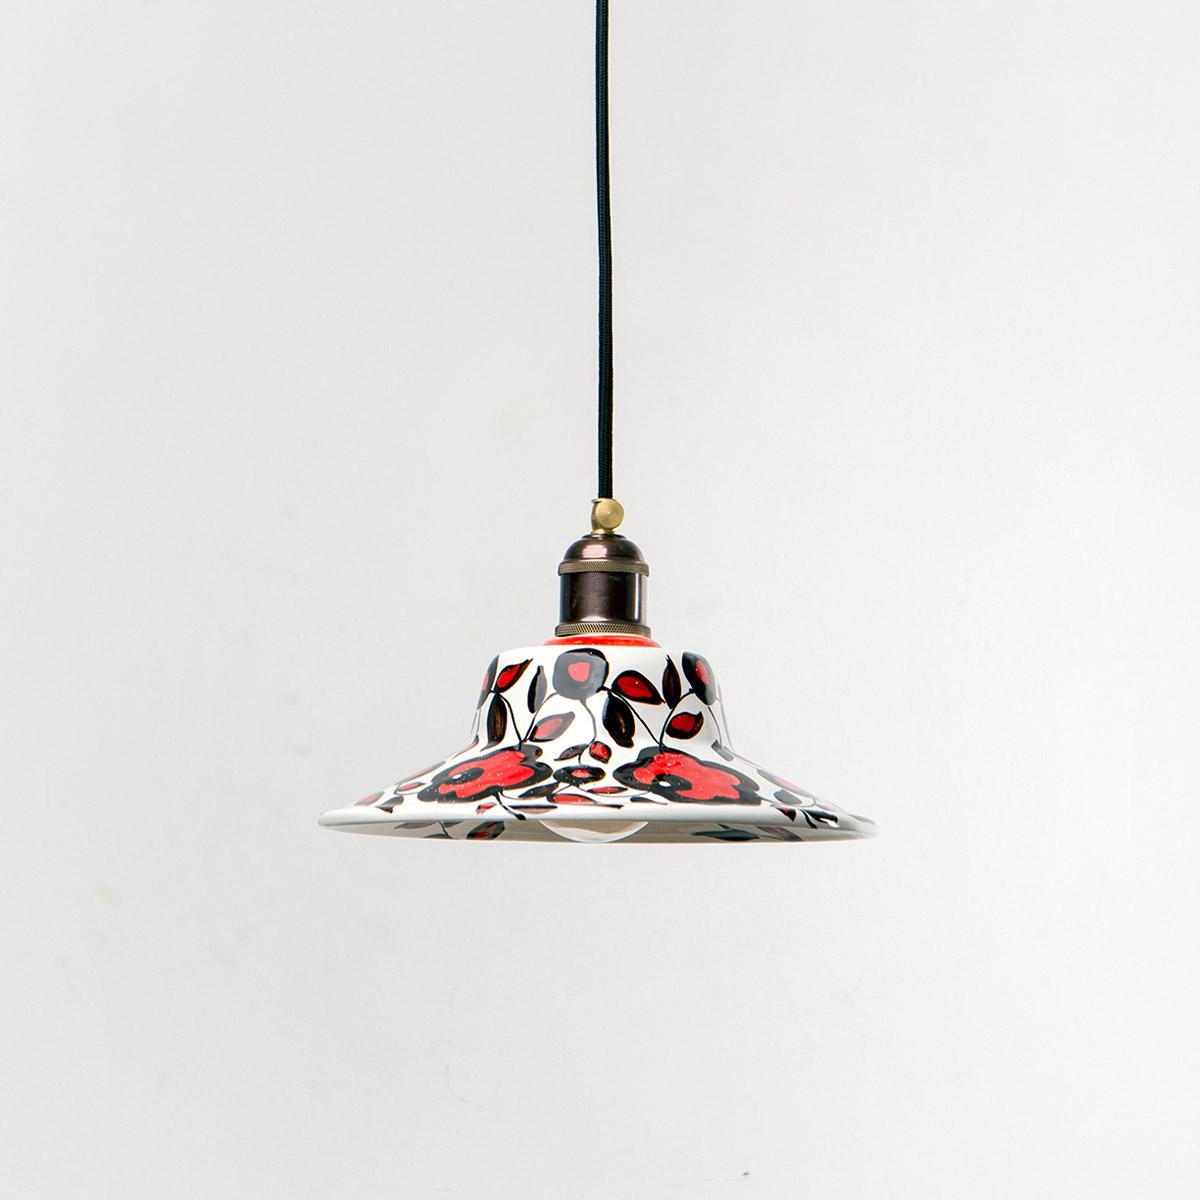 Потолочный светильник 4256 керамический с росписью